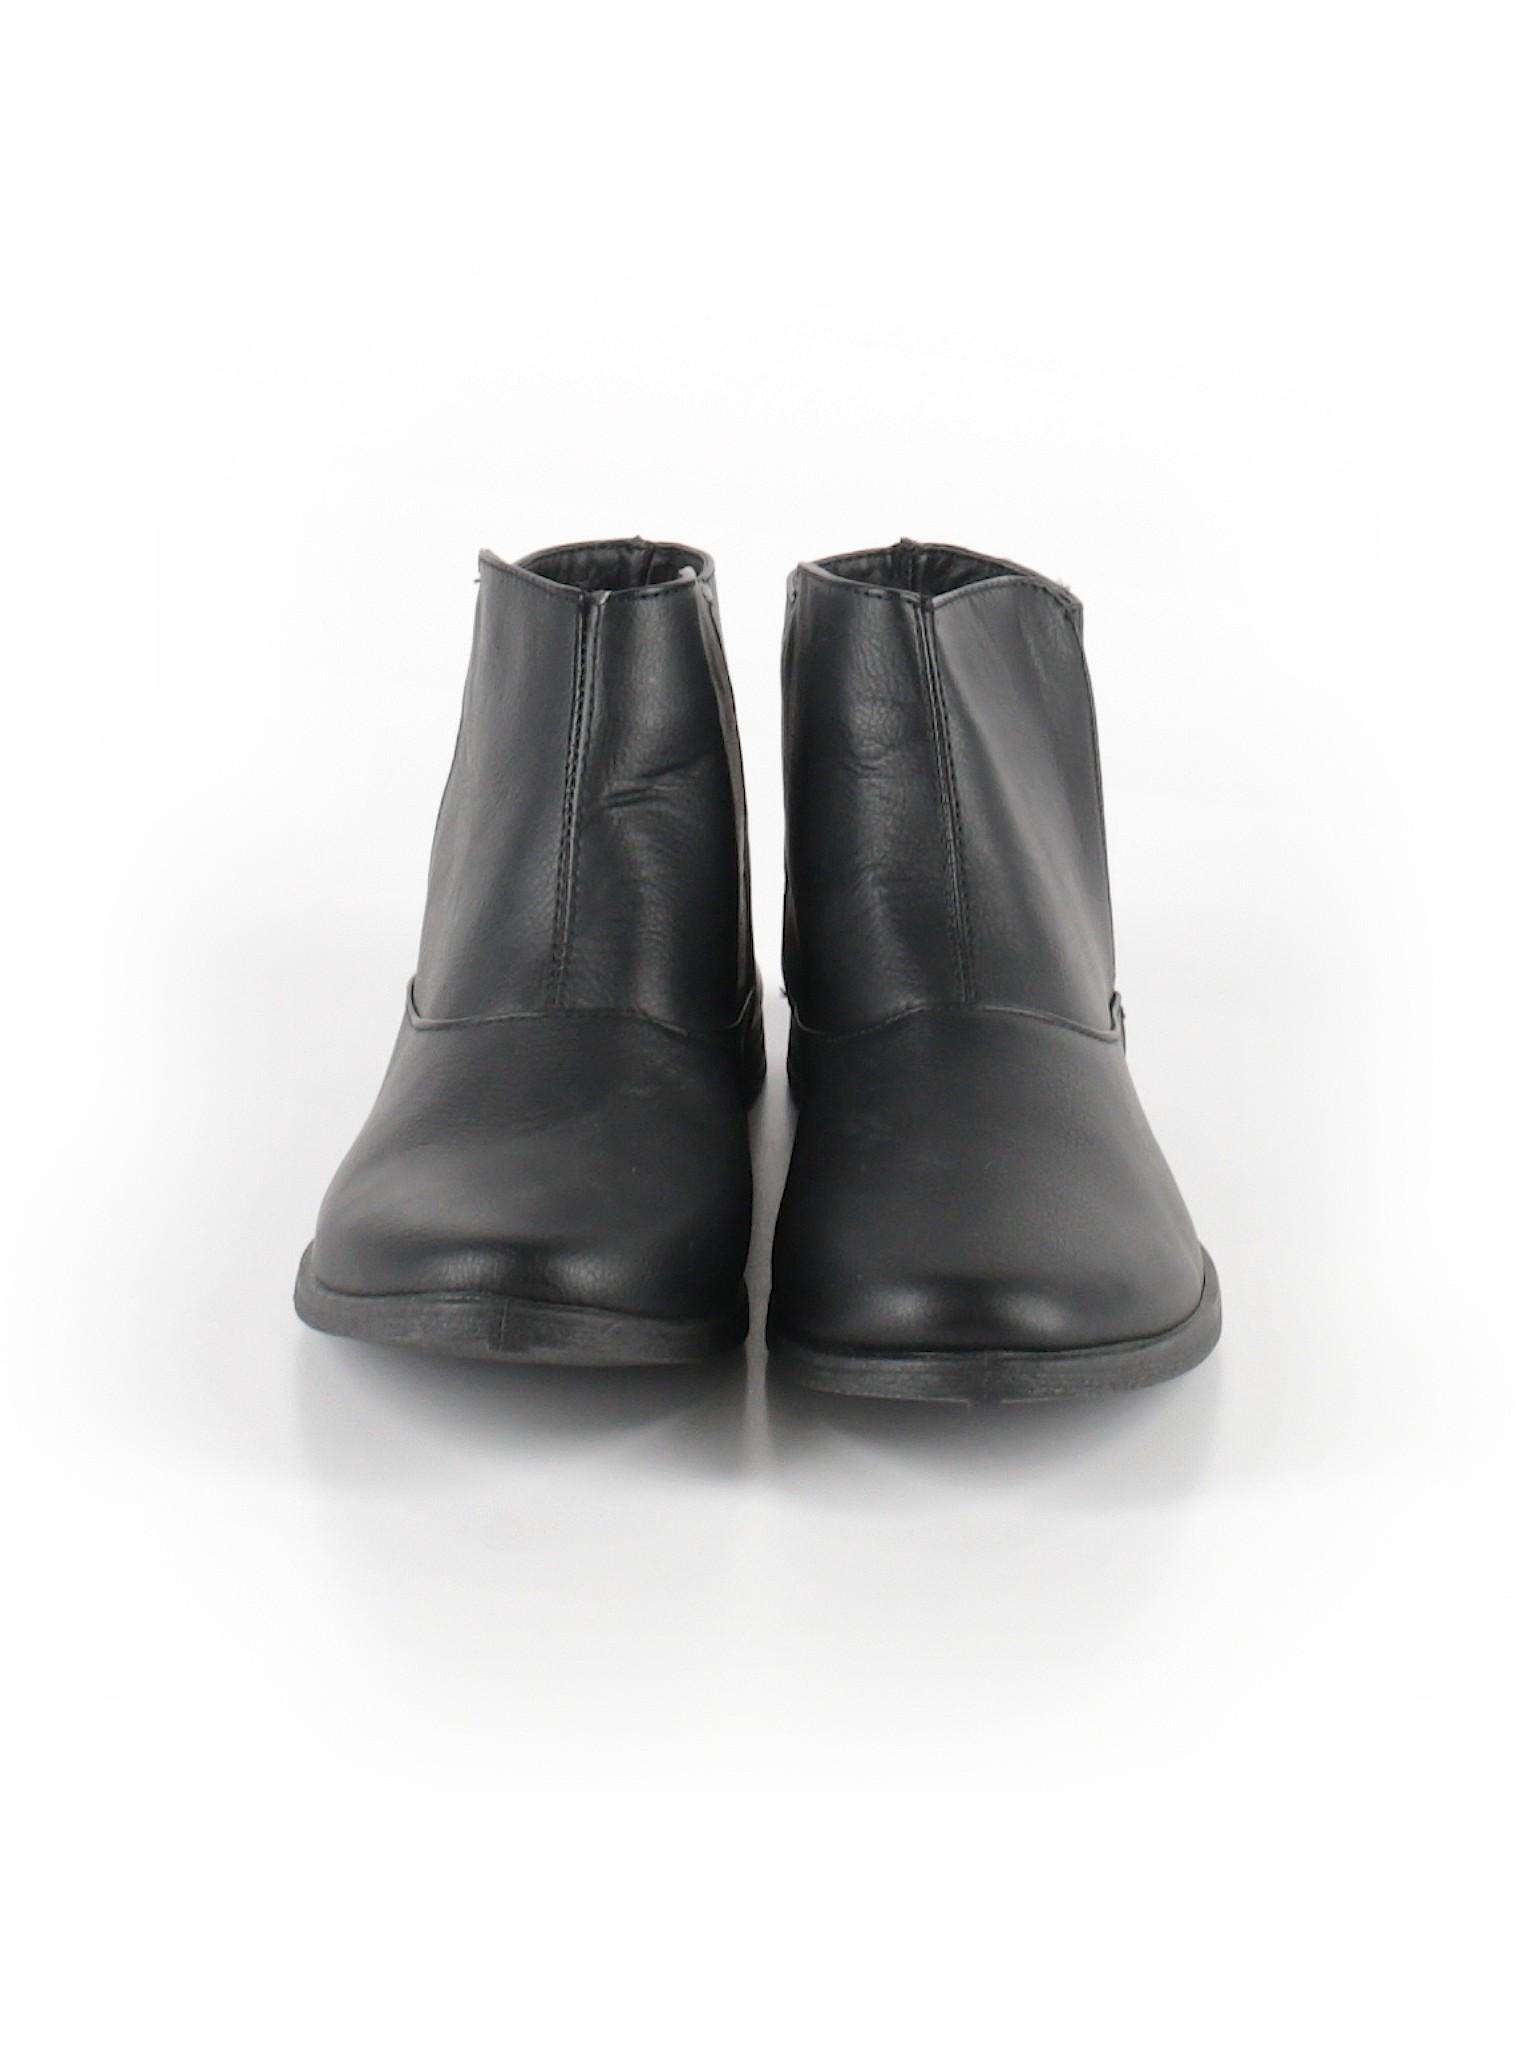 Solemates Boots Boutique Boots Ankle Boutique promotion promotion Ankle Boutique Solemates xOR7wxCqp